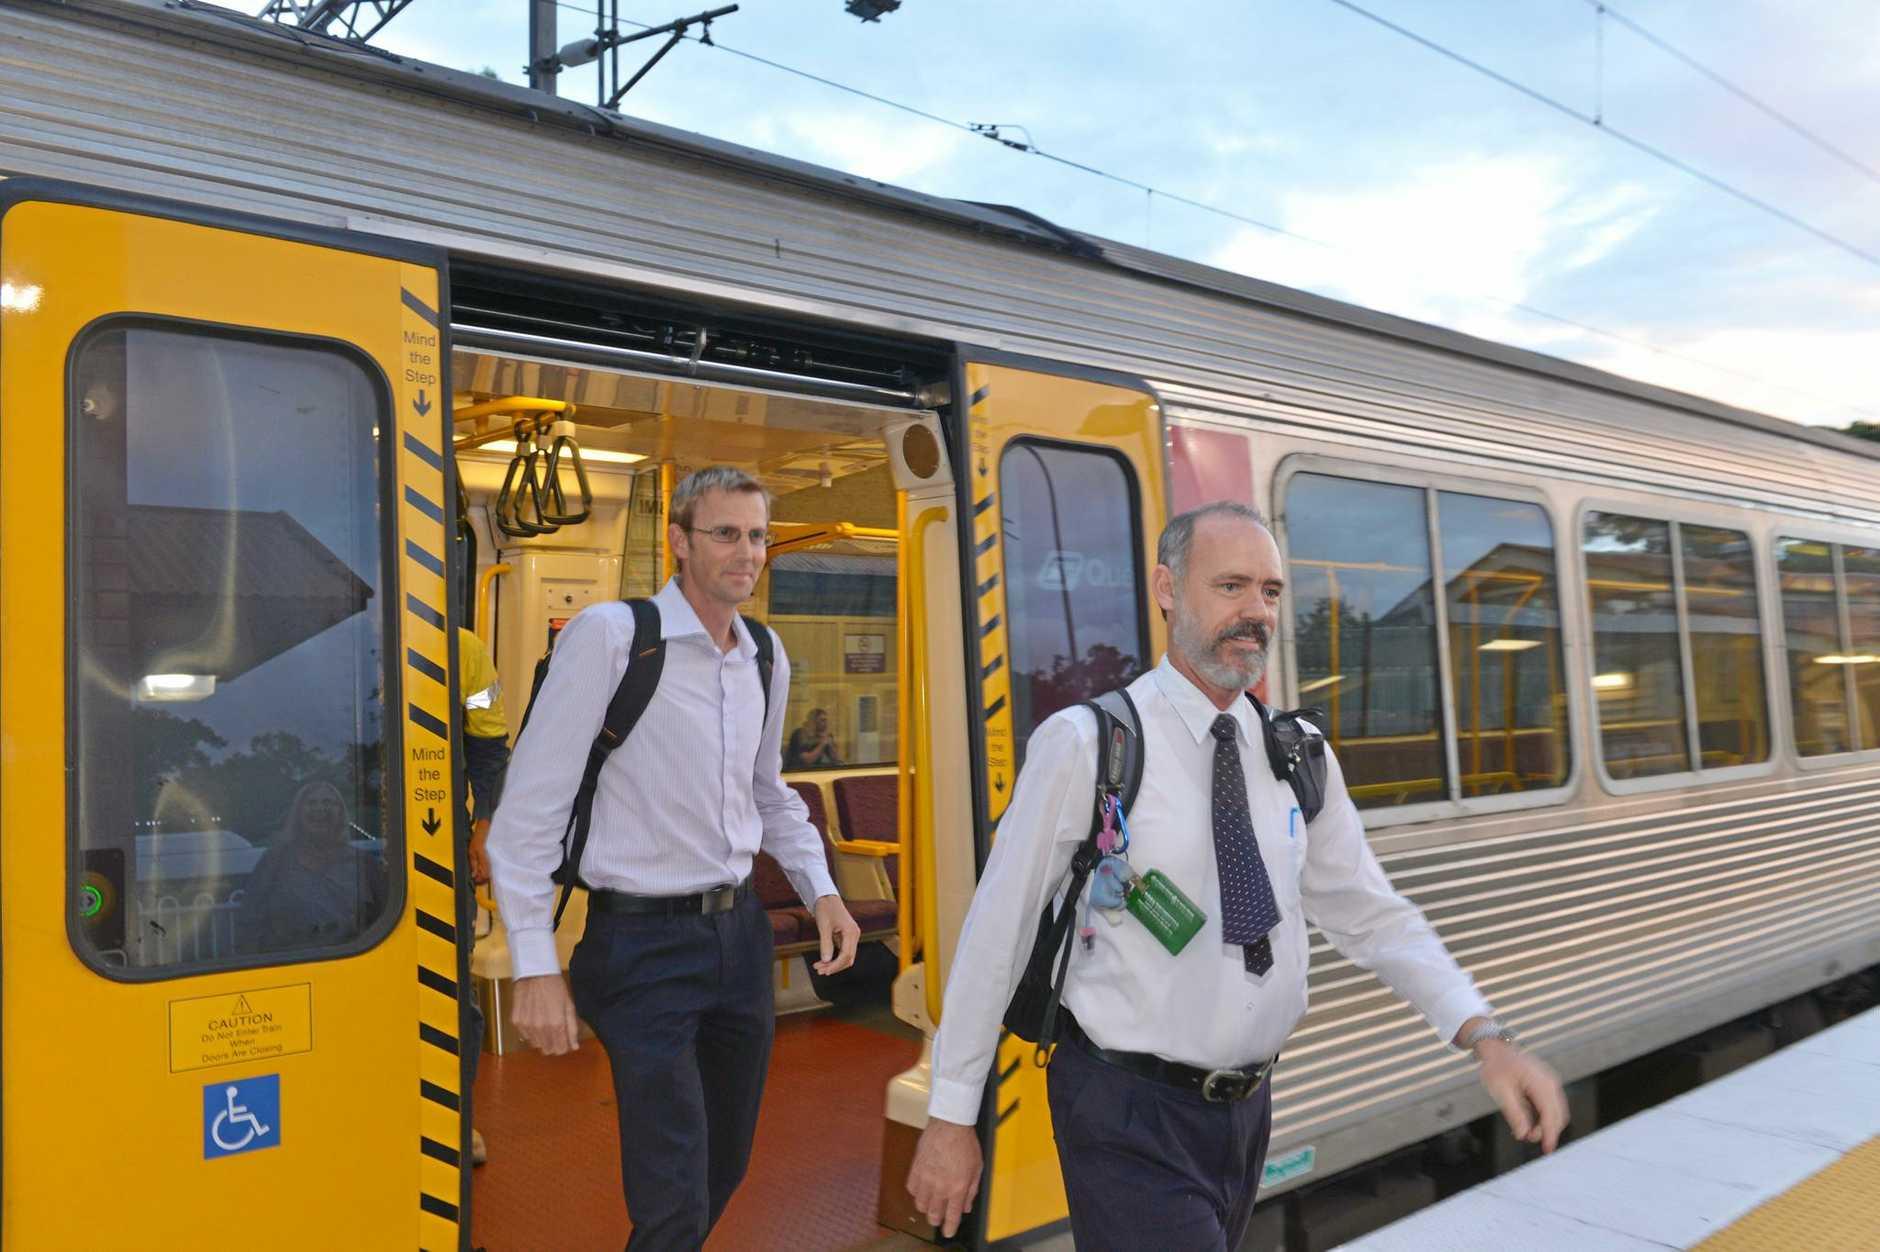 Sunshine Coast commuters Kieron Wallace and Jeff Addison want to see rail duplication.